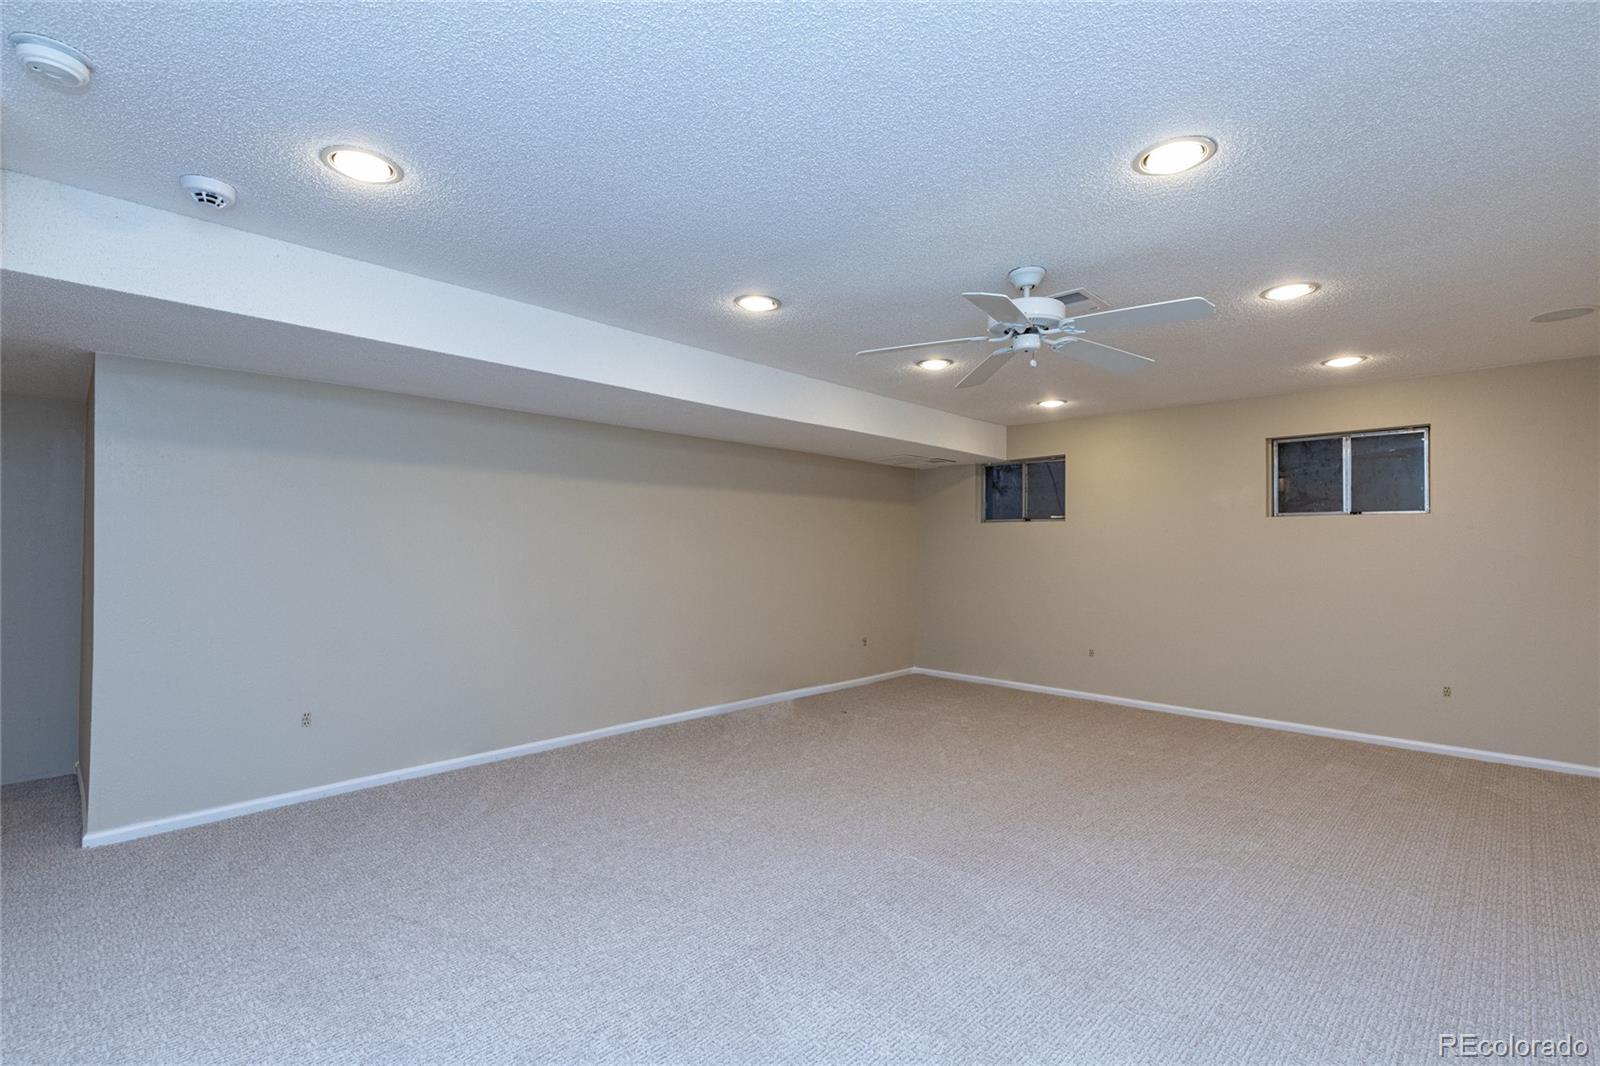 MLS# 8955616 - 25 - 6000 W Mansfield Avenue #15, Denver, CO 80235